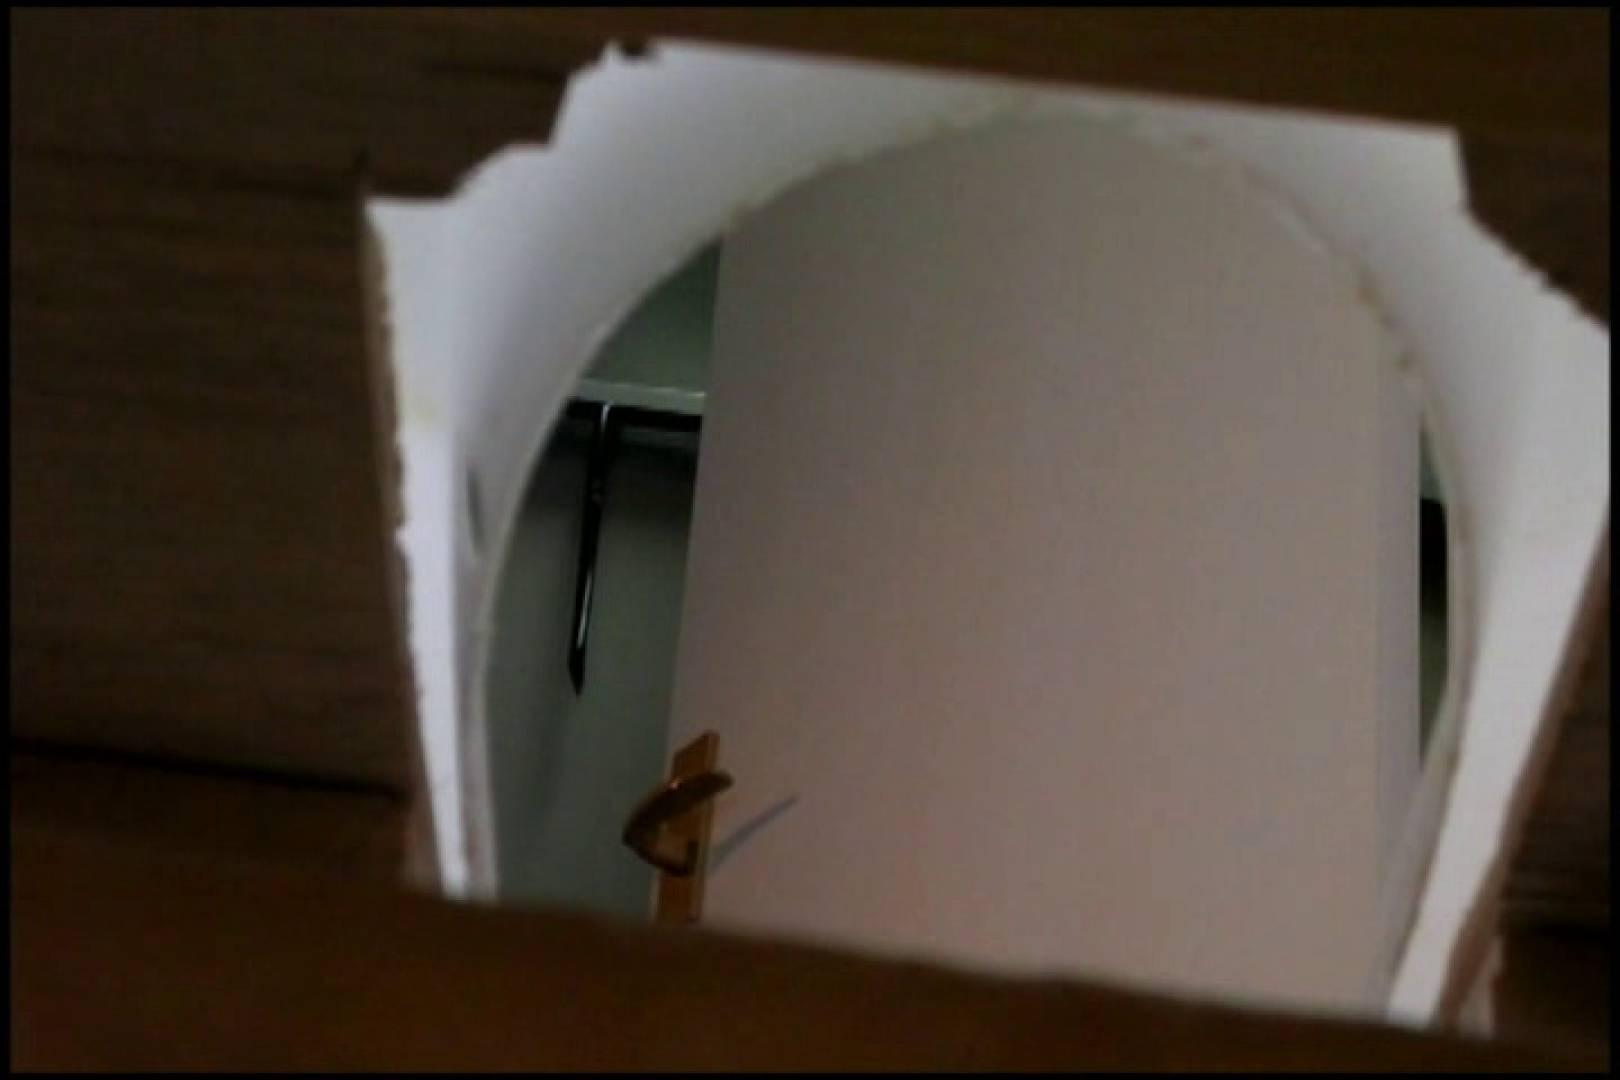 和式にまたがる女たちを待ちうけるカメラの衝撃映像vol.02 厠 オマンコ動画キャプチャ 10pic 3